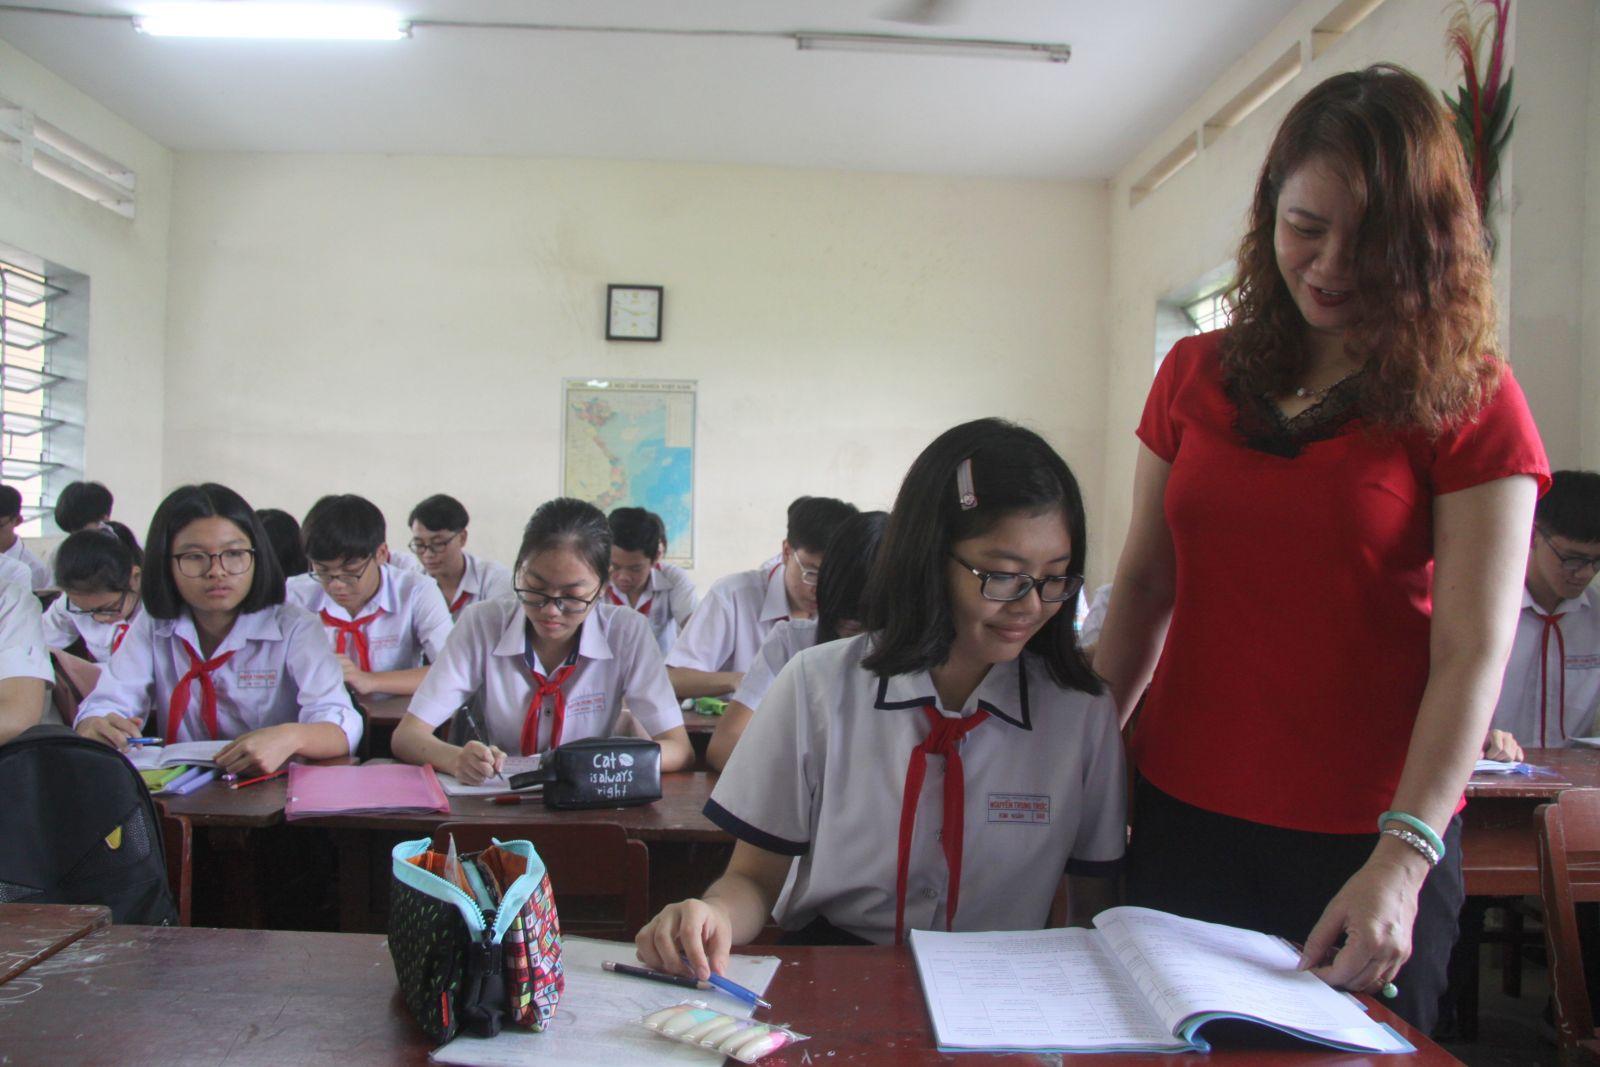 Giáo viên quan tâm, theo sát quá trình ôn tập của học sinh